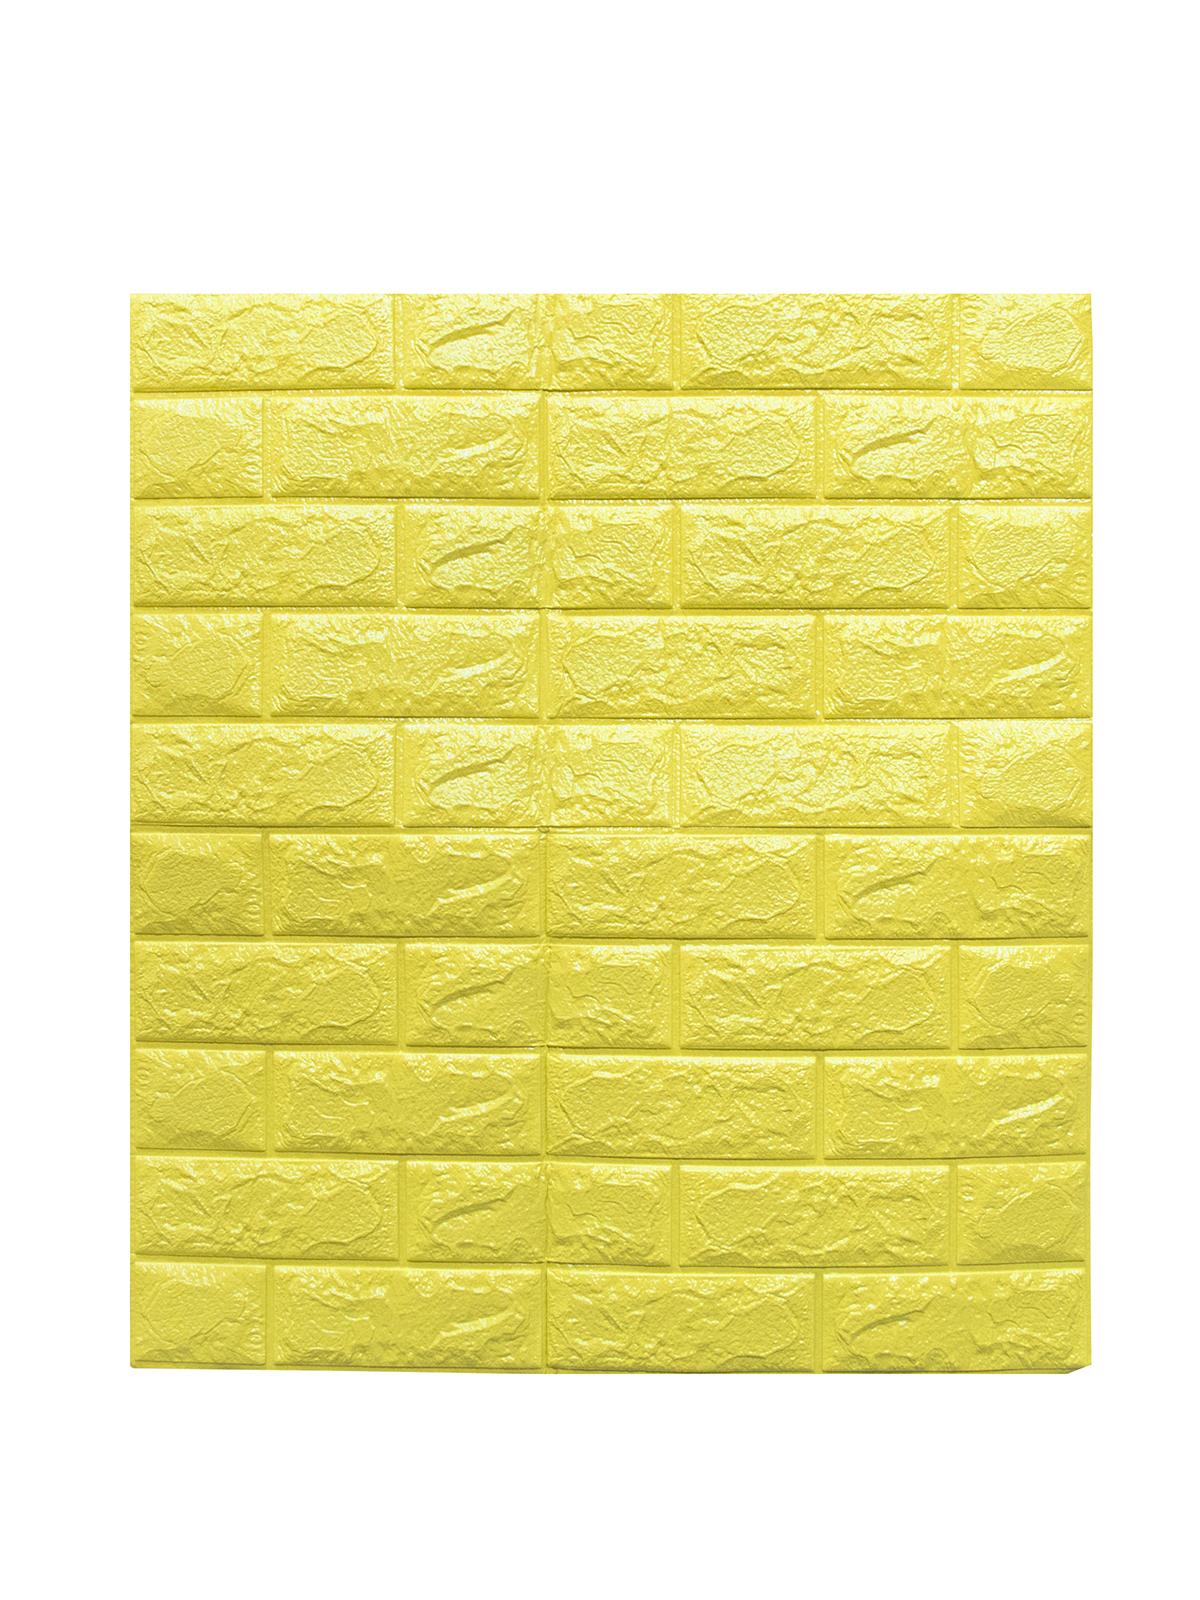 Фото - Панели для стен мягкие Кирпичная стена желтые Удачные покупка стикеры для стен zooyoo1208 zypa 1208 nn